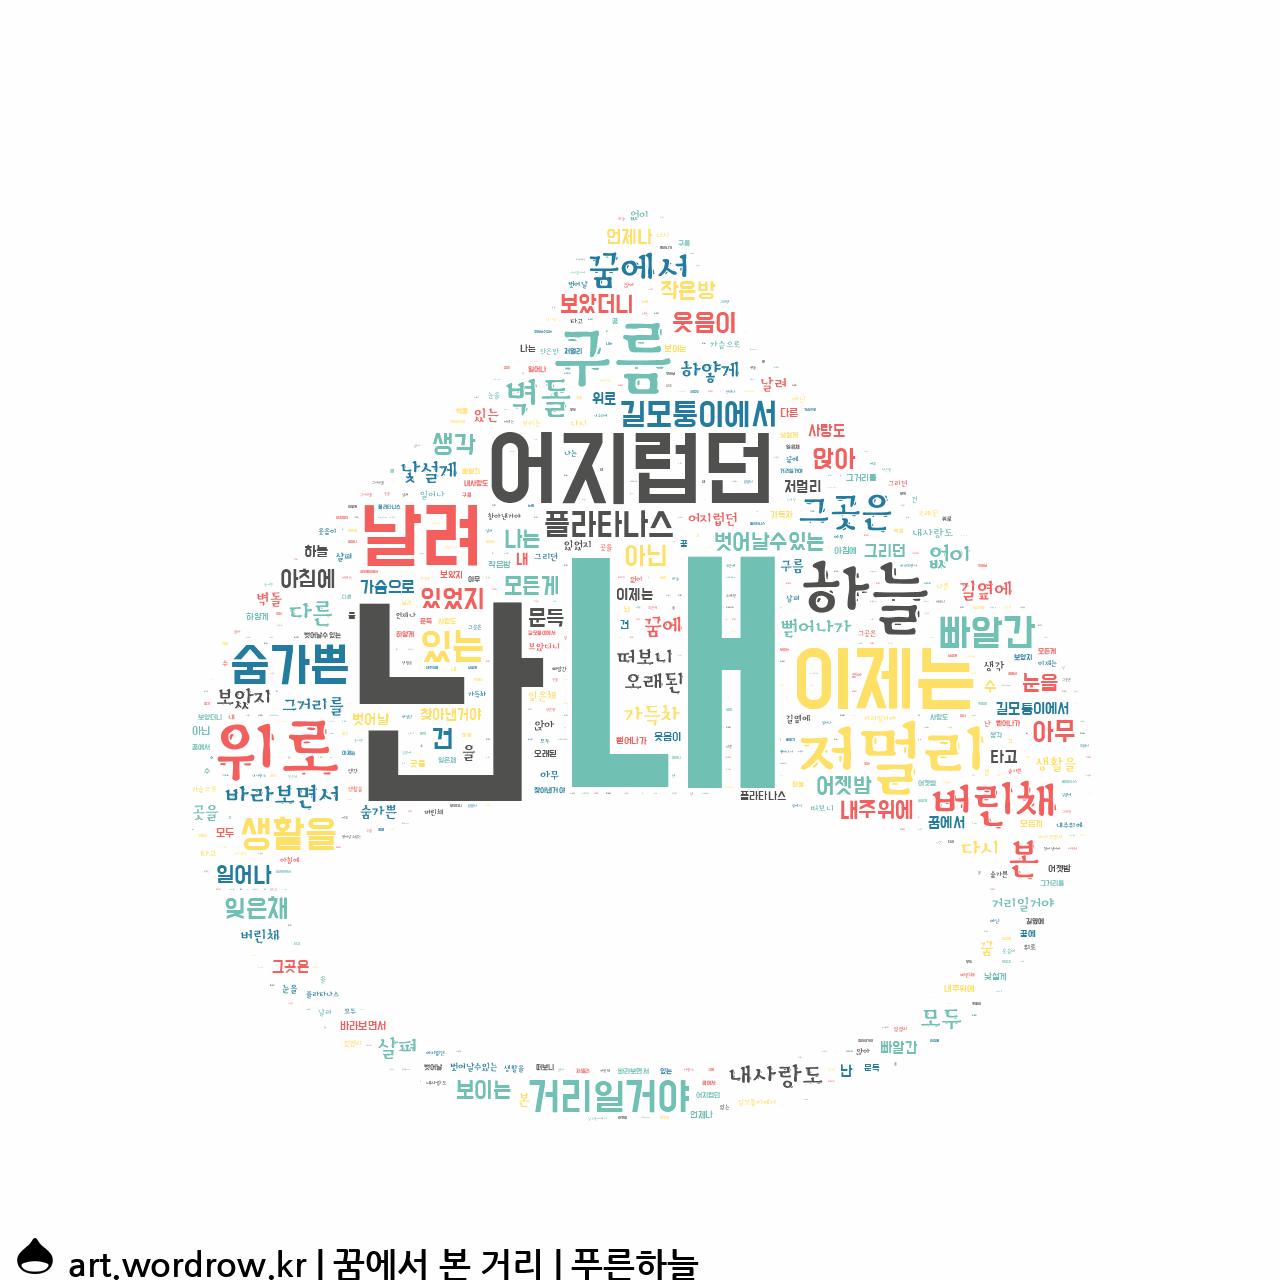 워드 아트: 꿈에서 본 거리 [푸른하늘]-4